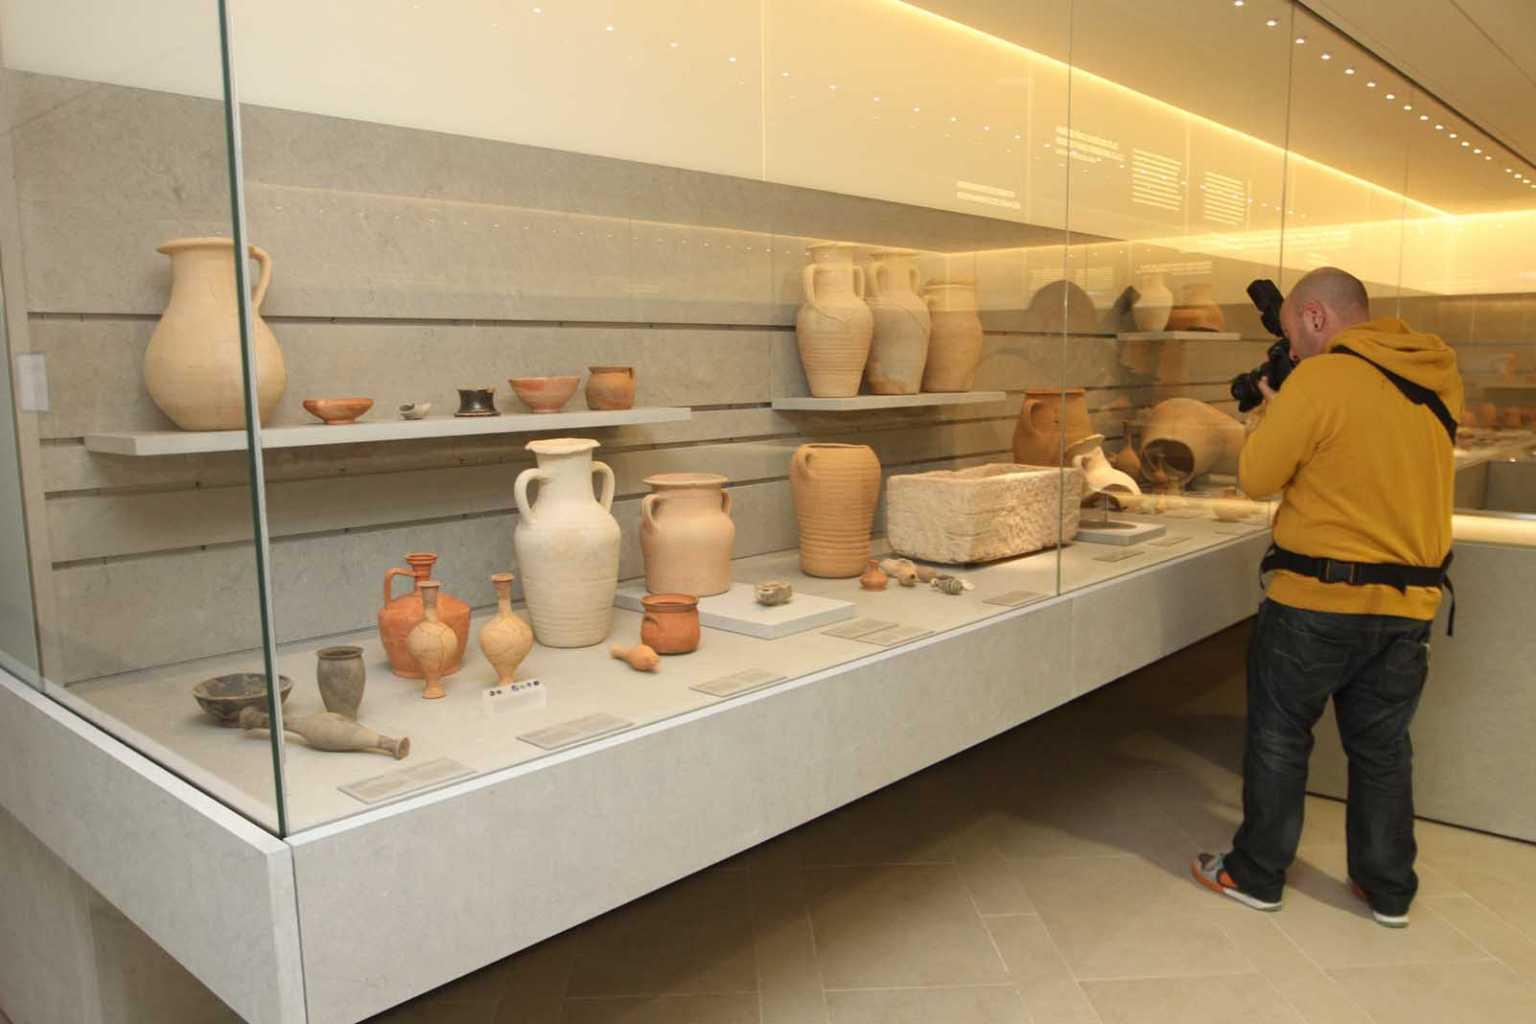 El museo monográfico de la necrópolis del Puig des Molins, reabierto tras una profunda y larga reforma. Moisés Copa